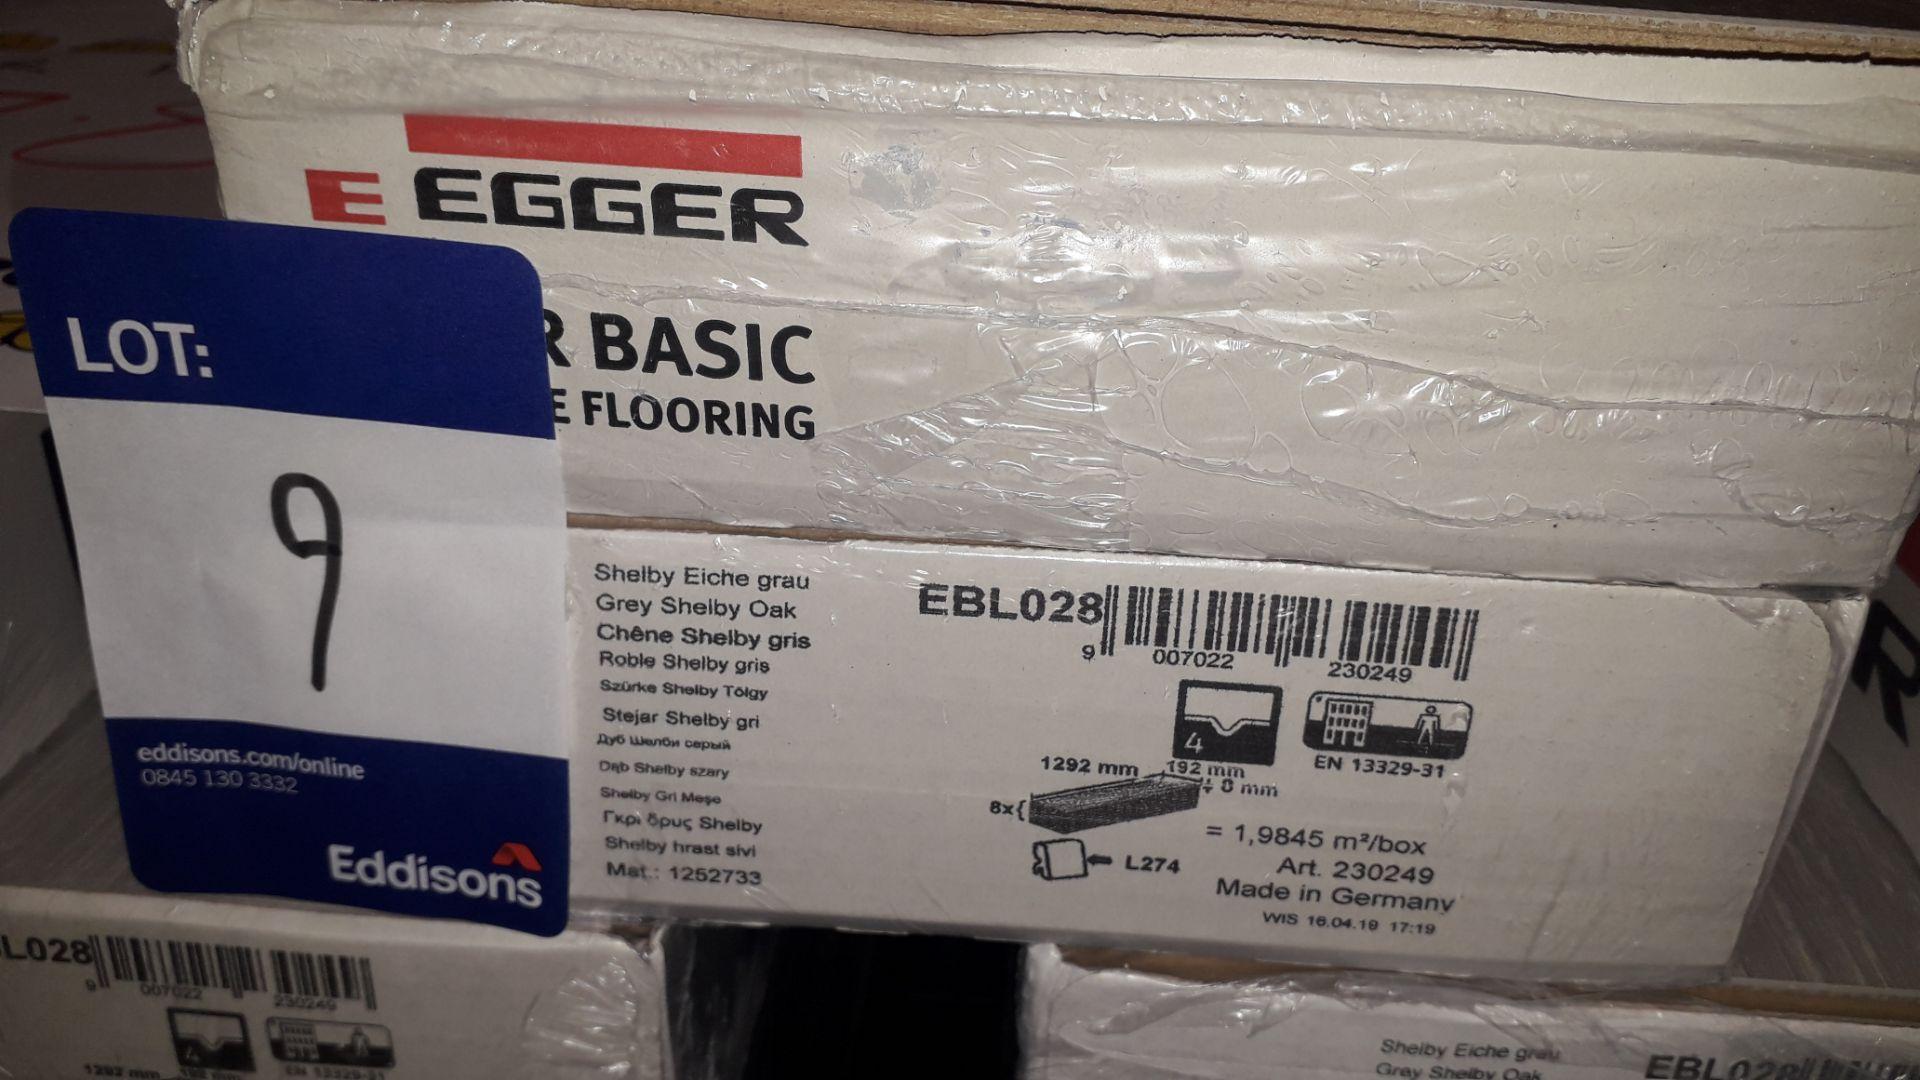 Lot 9 - 20 Packs of Egger Basic Grey Shelby Oak Laminate Flooring 2m² Per Pack